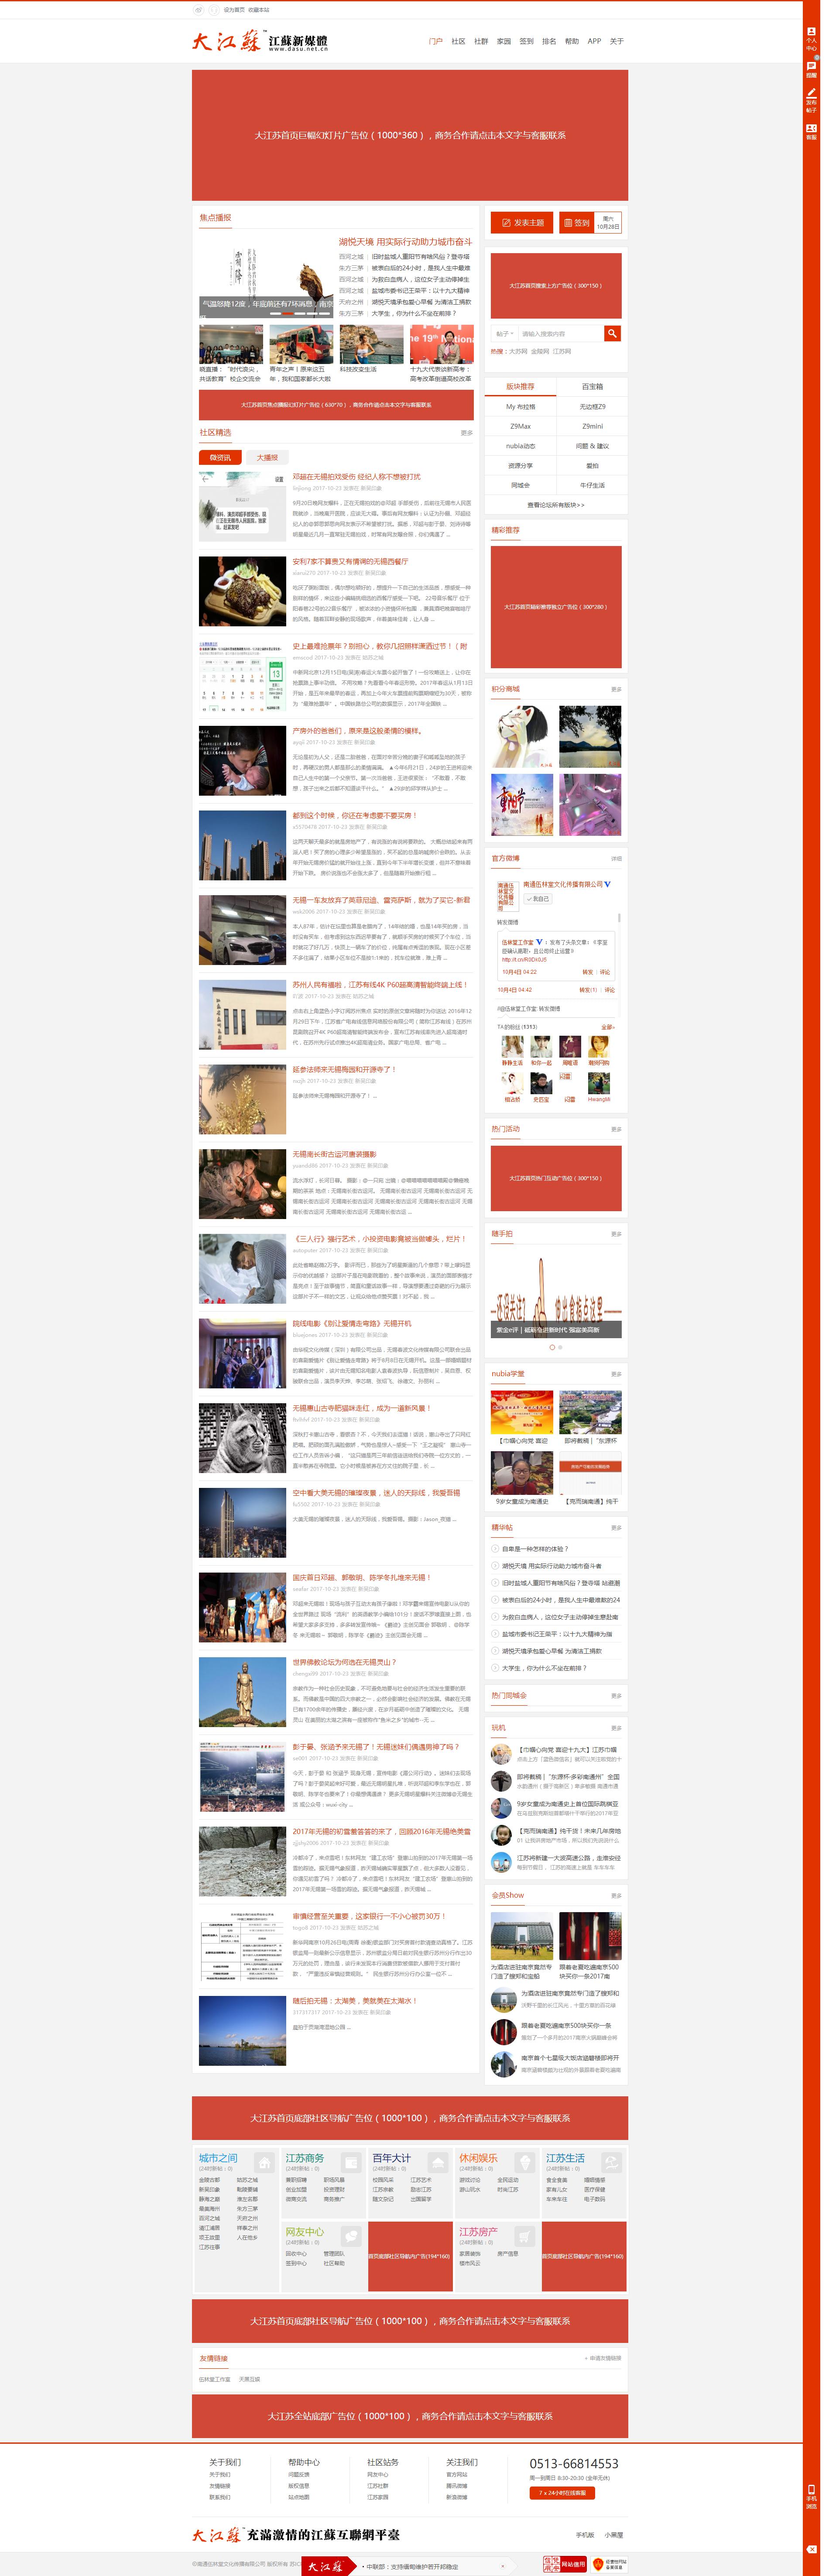 dasu1.png 大江苏-江苏新媒体电脑端构架(苏州)  第1张